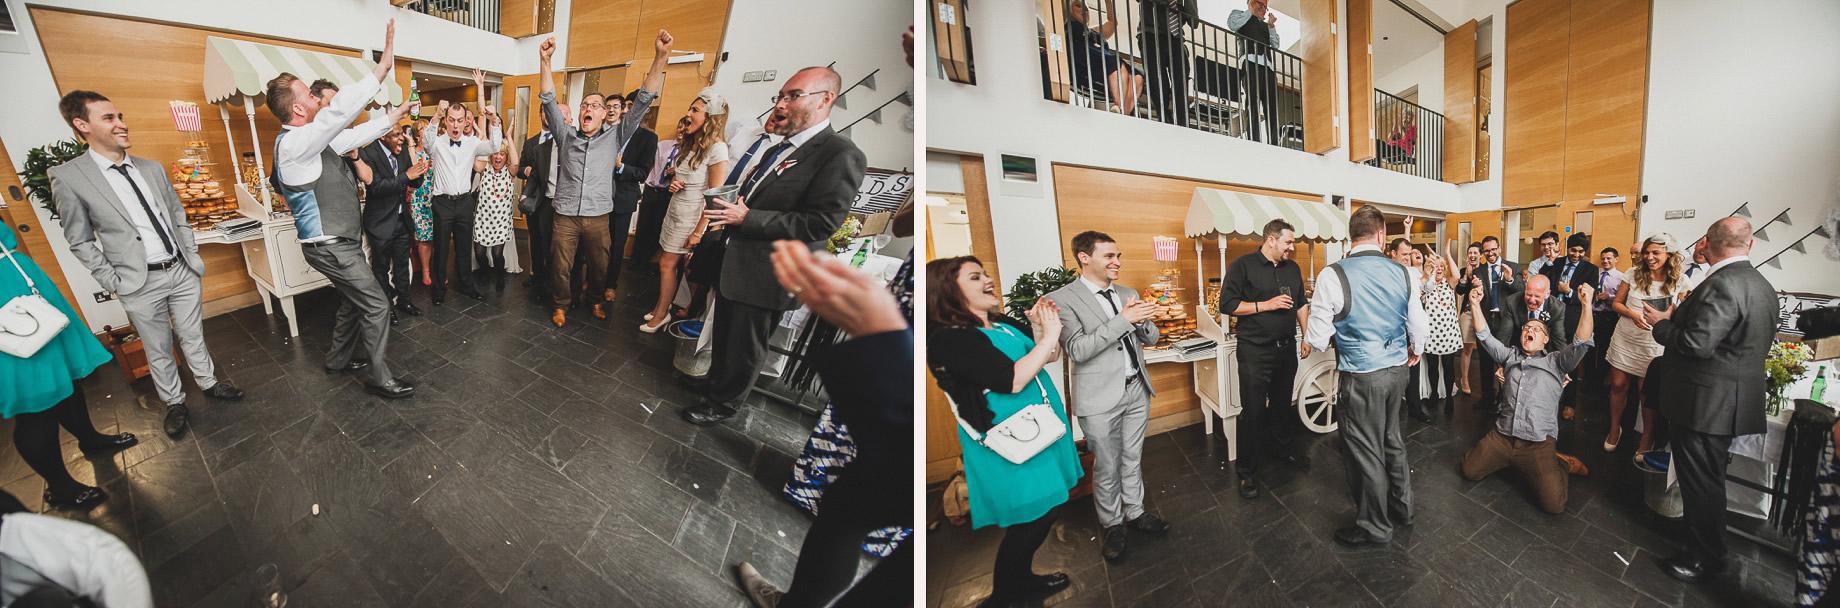 Becky and John's Wedding at Slaidburn Village Hall 190